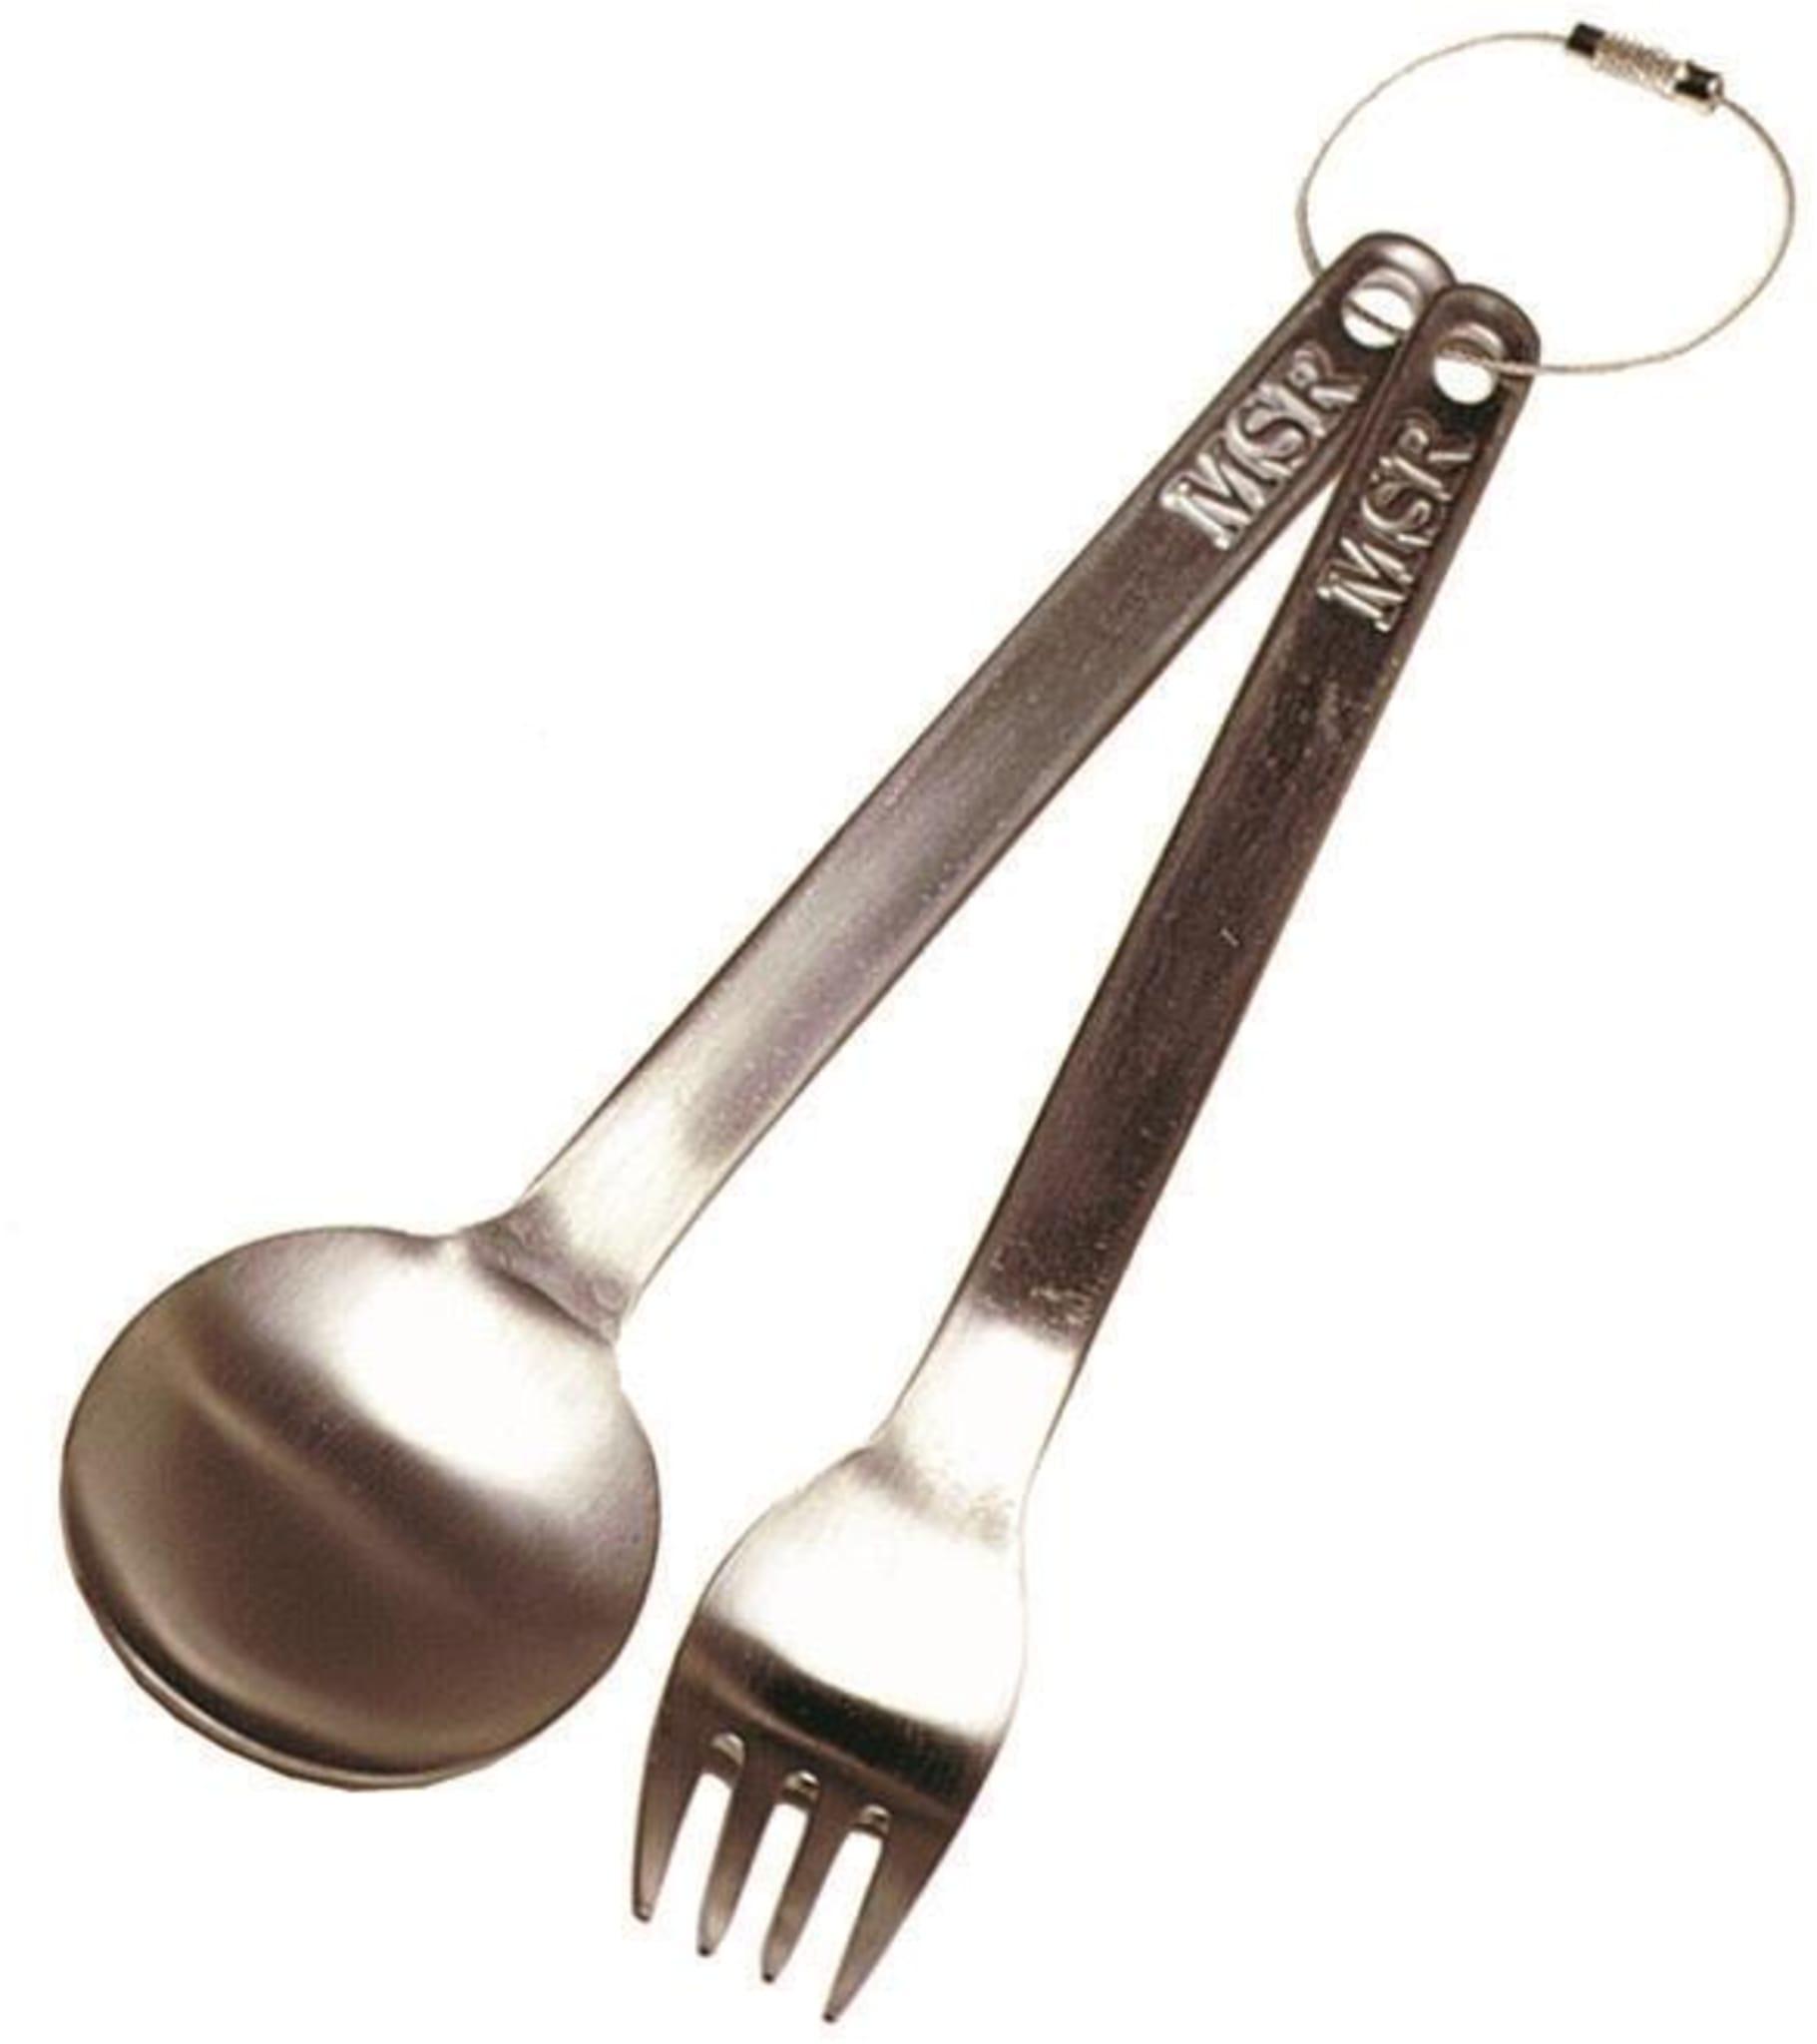 Skje og gaffel til tur!